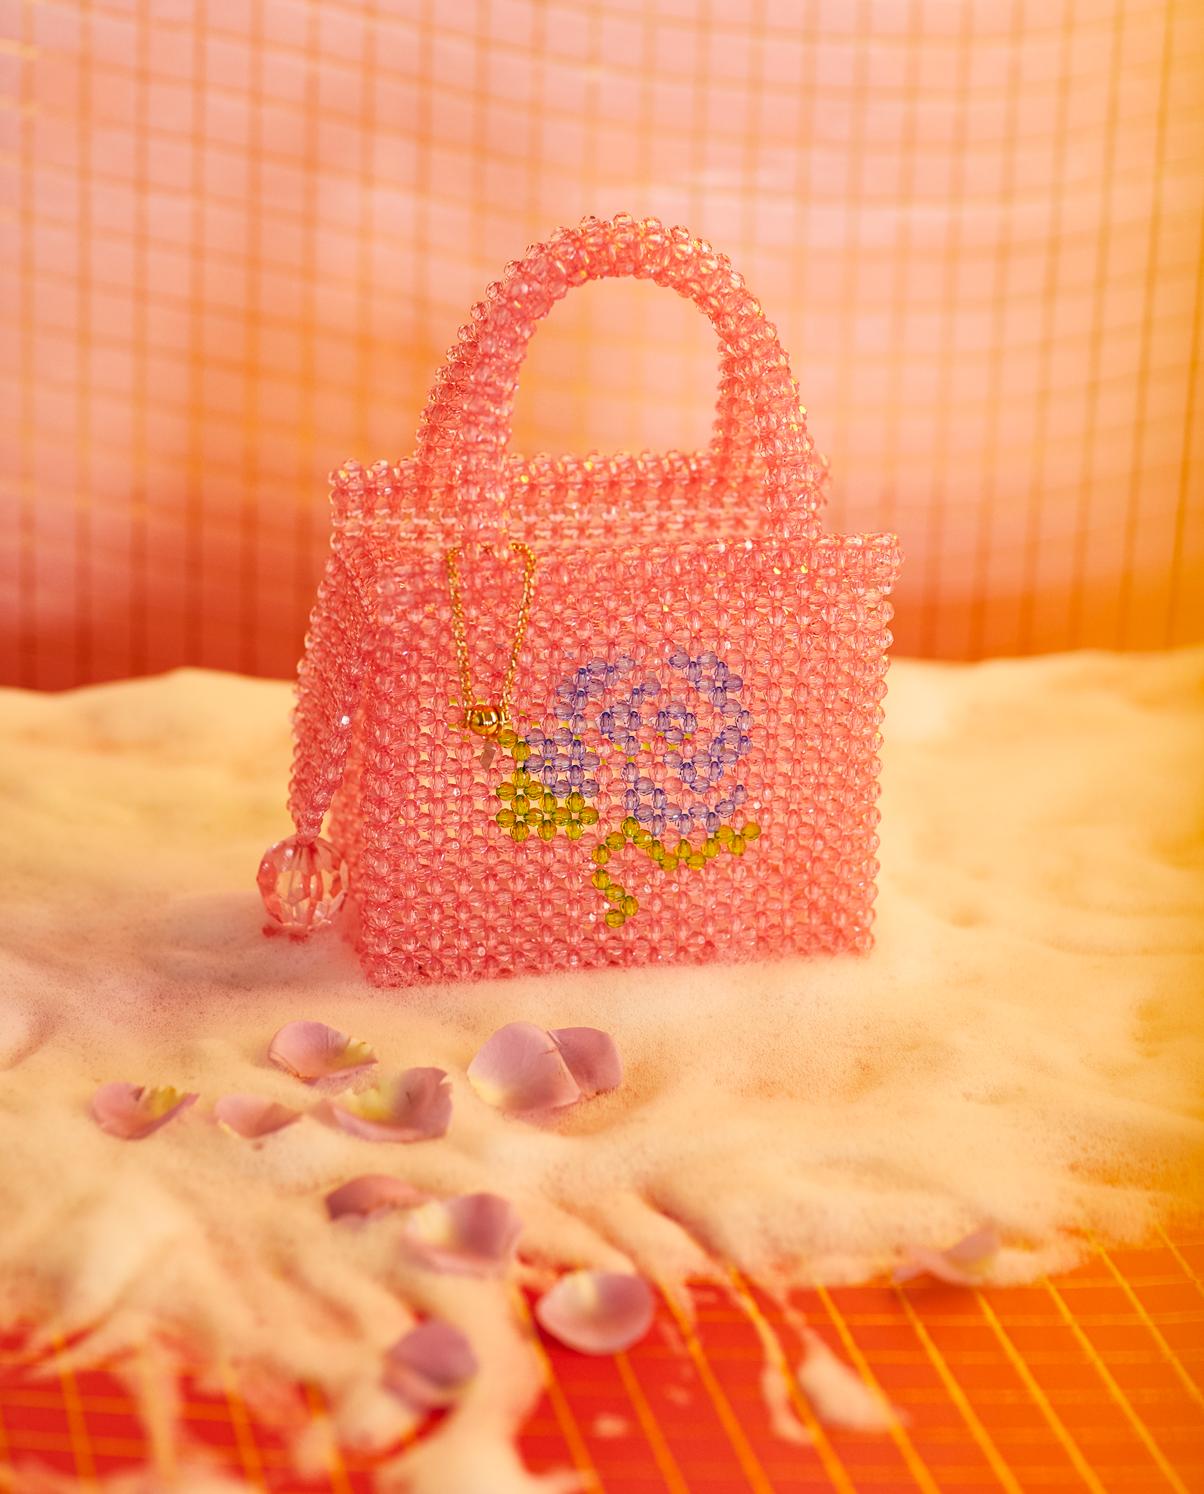 bolsa gla lolla - BFF GIFT GUIDE: O guia de presentes de Natal do Lolla para a sua melhor amiga